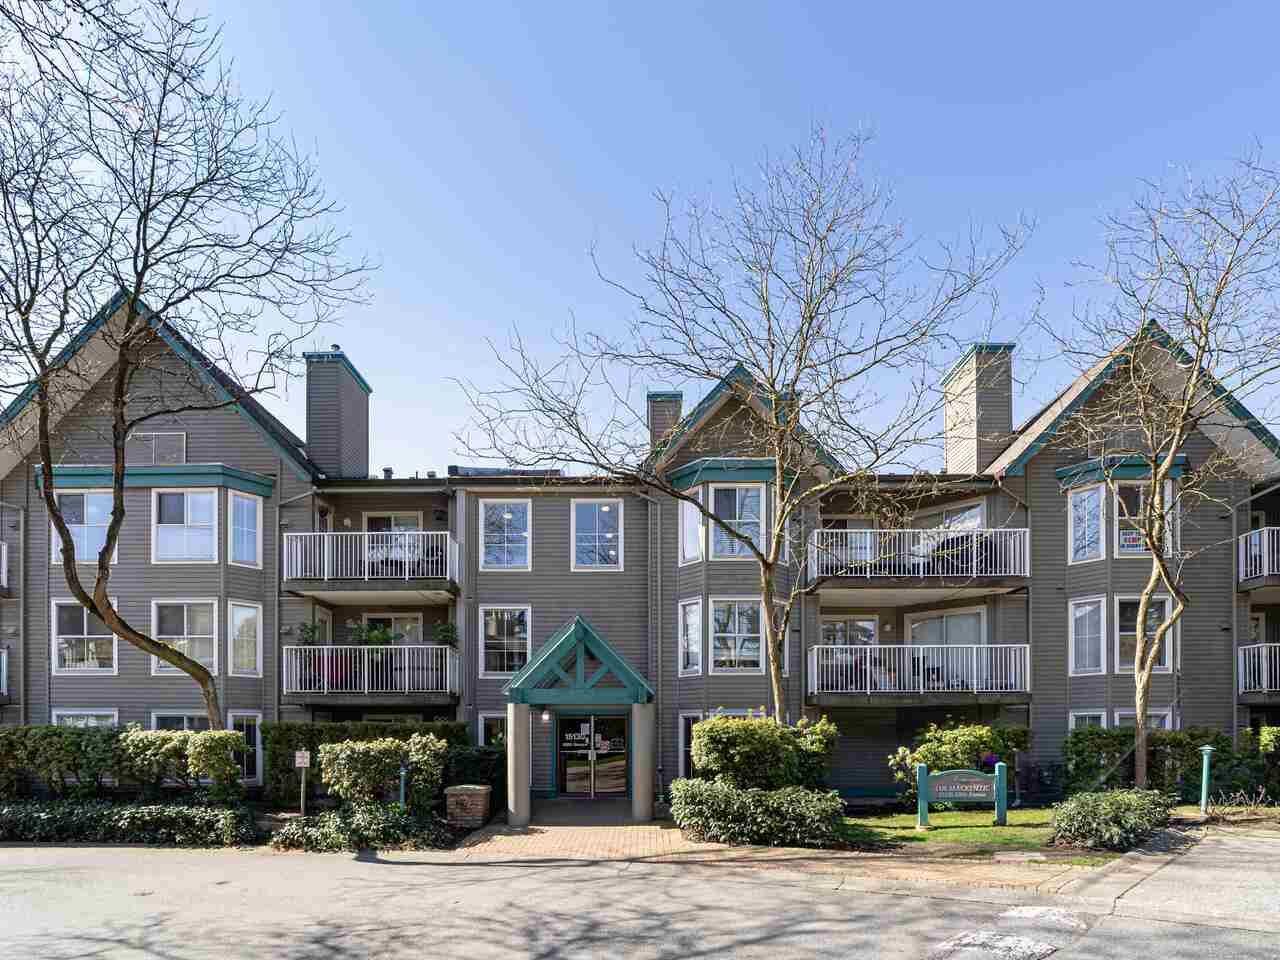 """Main Photo: 312 15130 108 Avenue in Surrey: Guildford Condo for sale in """"River Pointe"""" (North Surrey)  : MLS®# R2561165"""